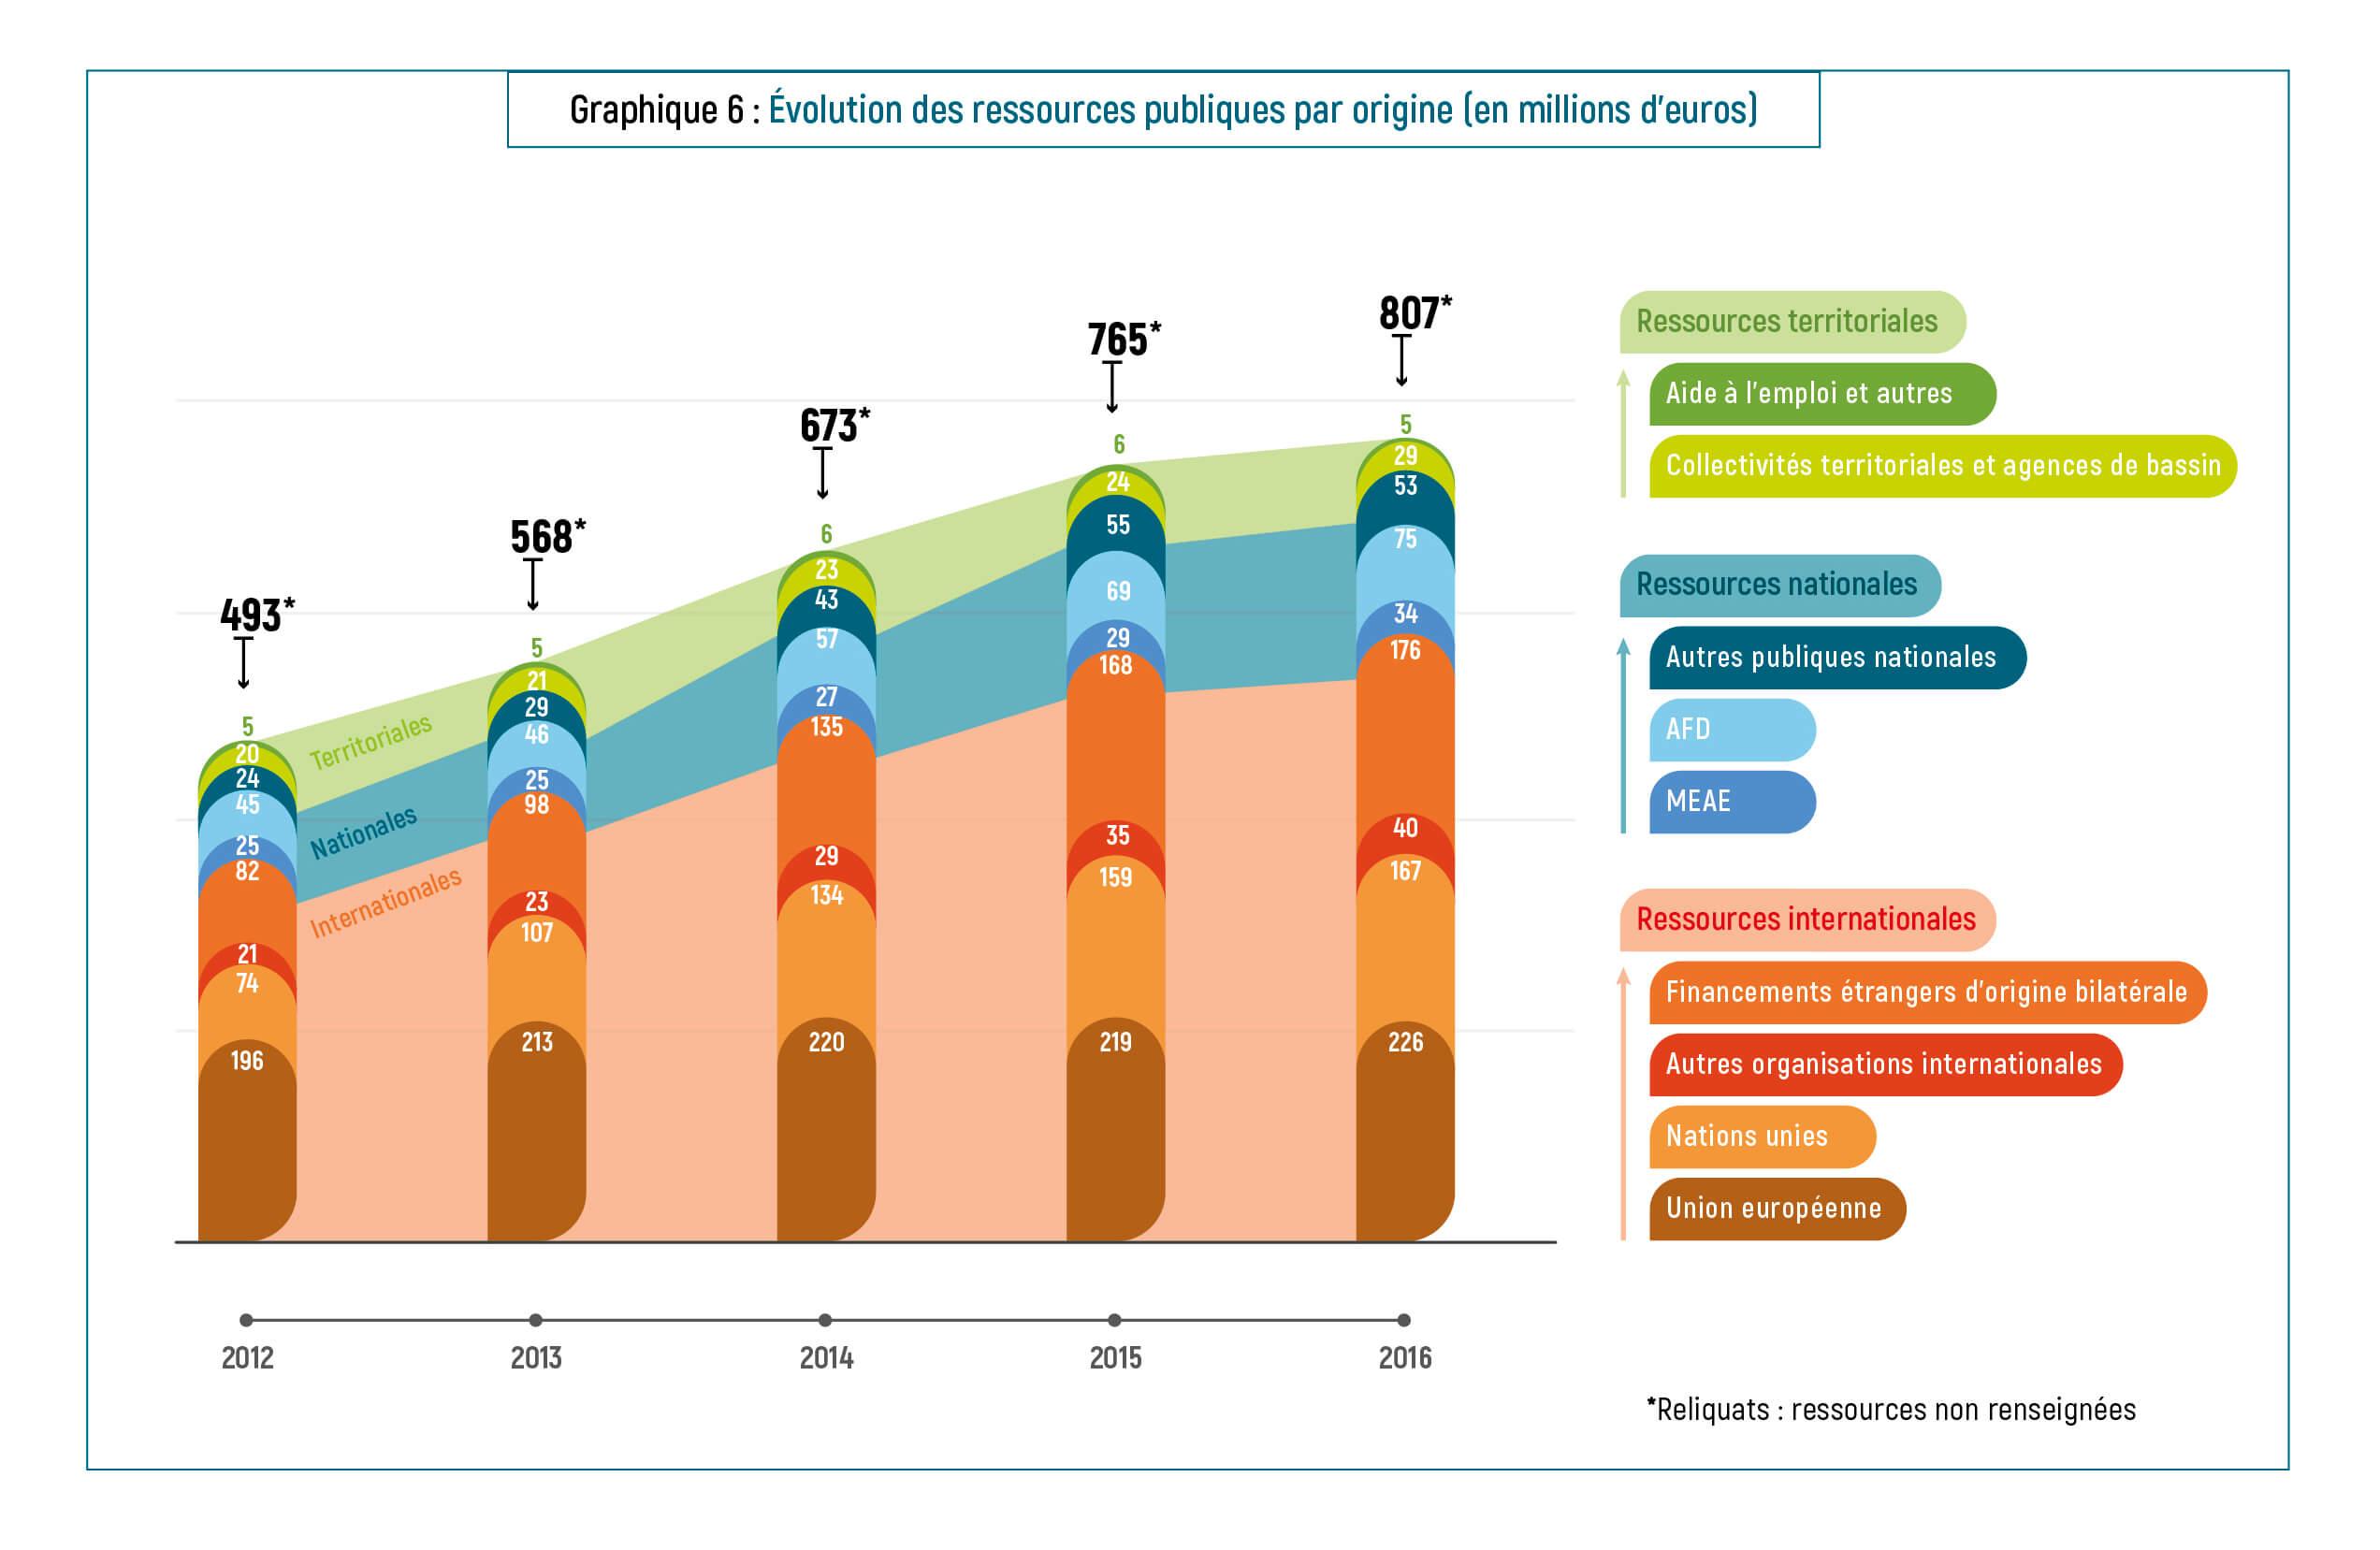 Evolution des ressources publiques par origine